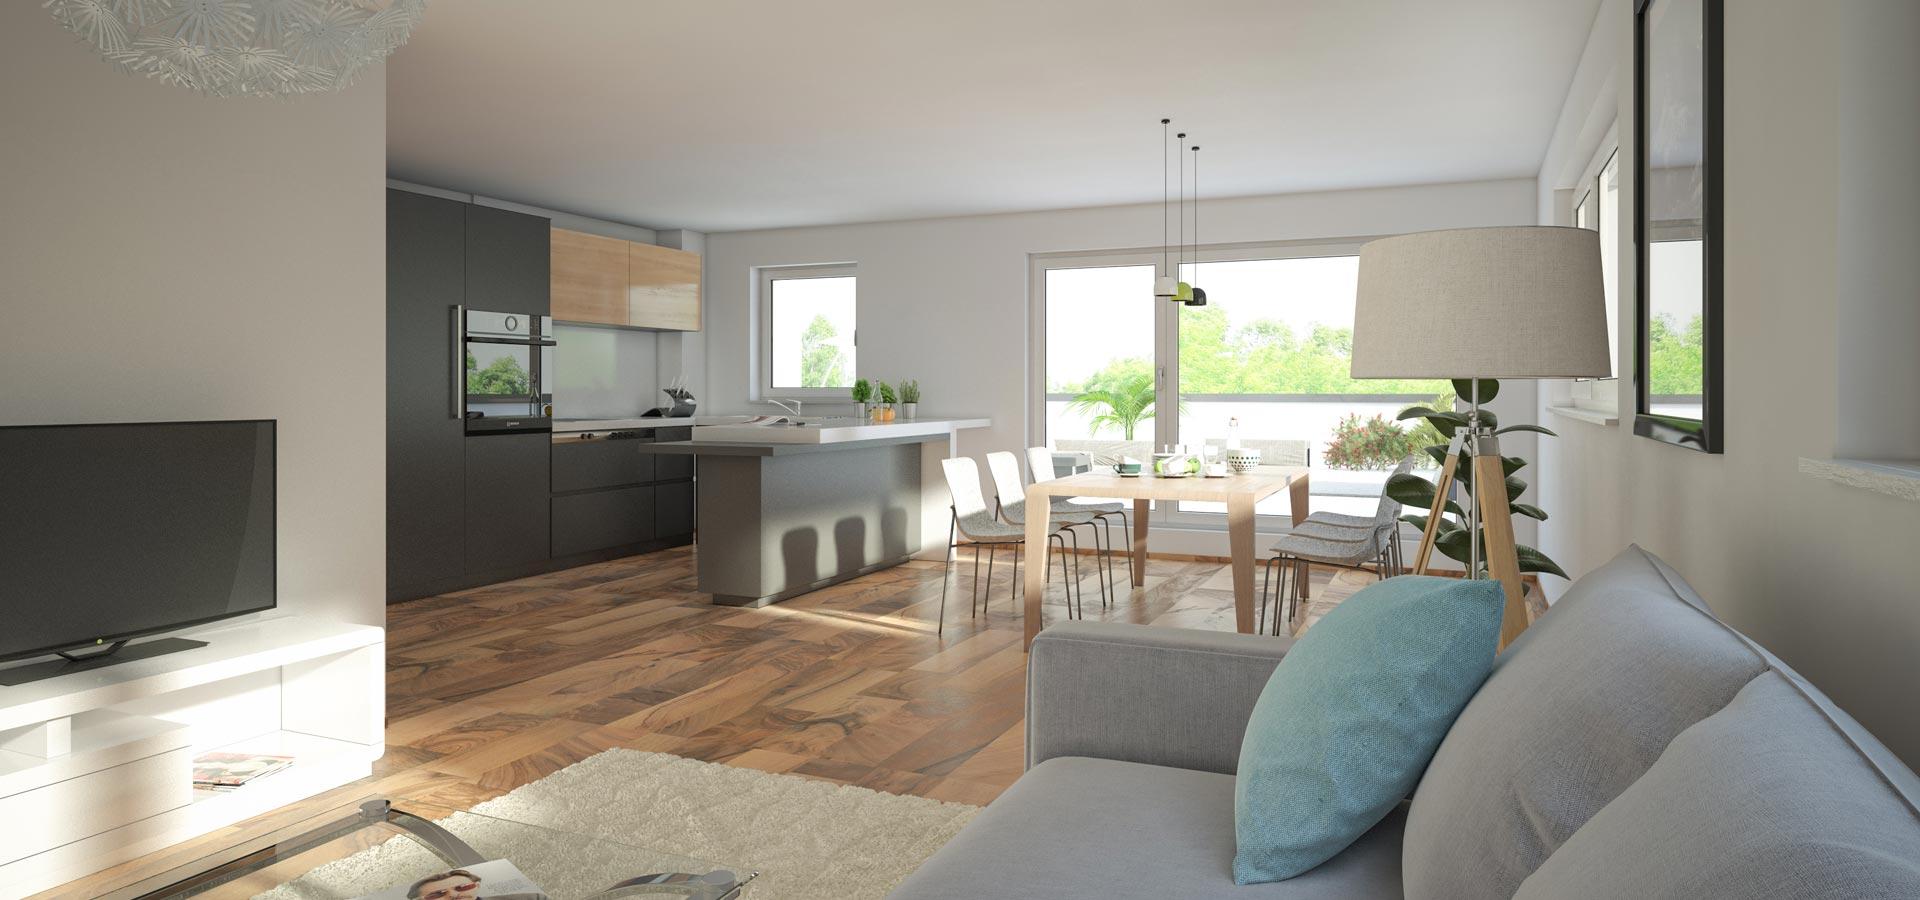 OPUS Marketing / Immobilienmarketing / Visualisierung / Wohnen, Essen, Kochen